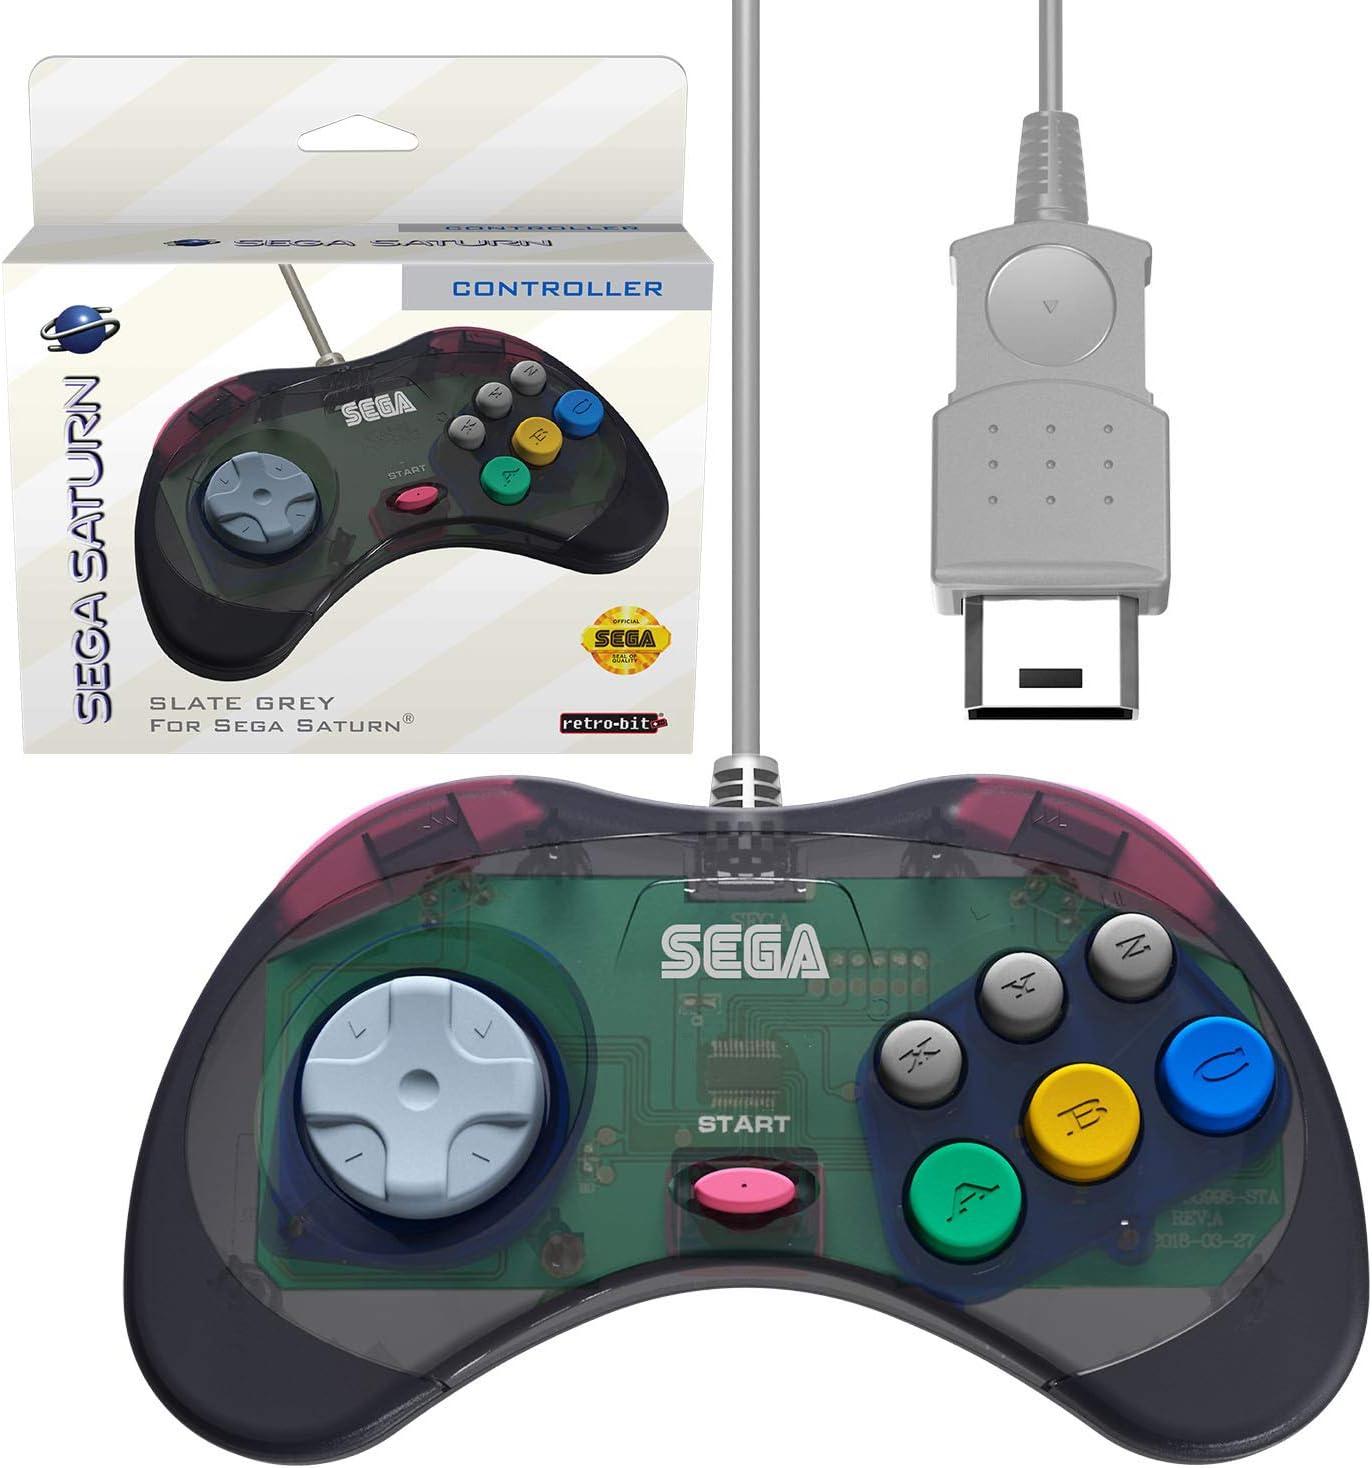 Amazon com: Retro-Bit Official Sega Saturn Controller Pad for Sega